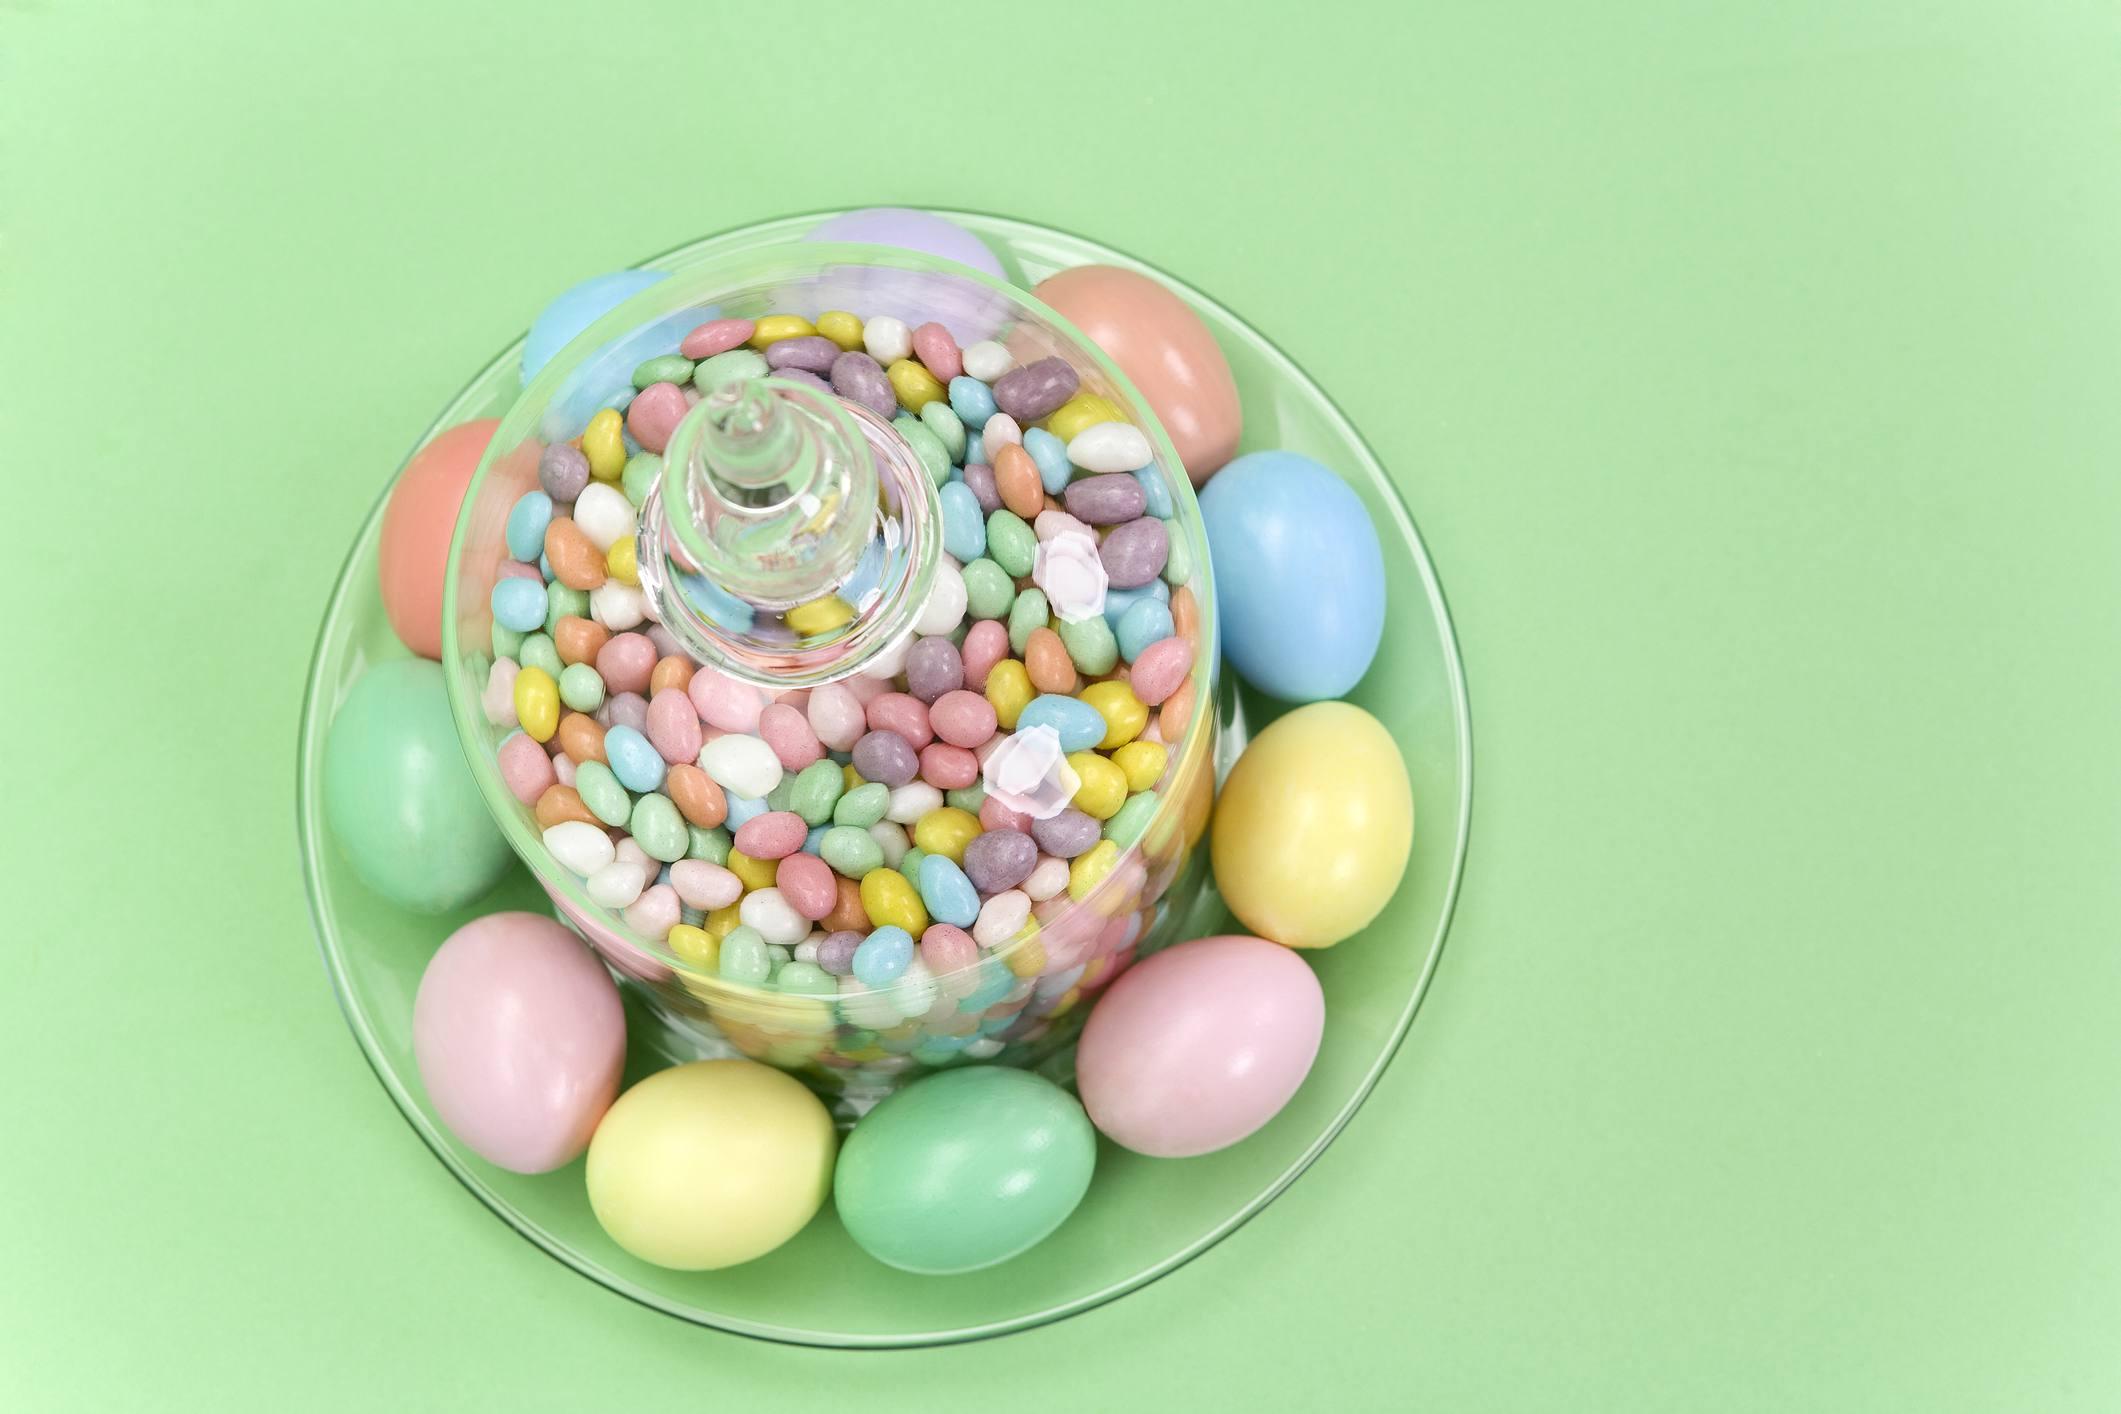 centro de mesa de huevo de pascua y gominolas